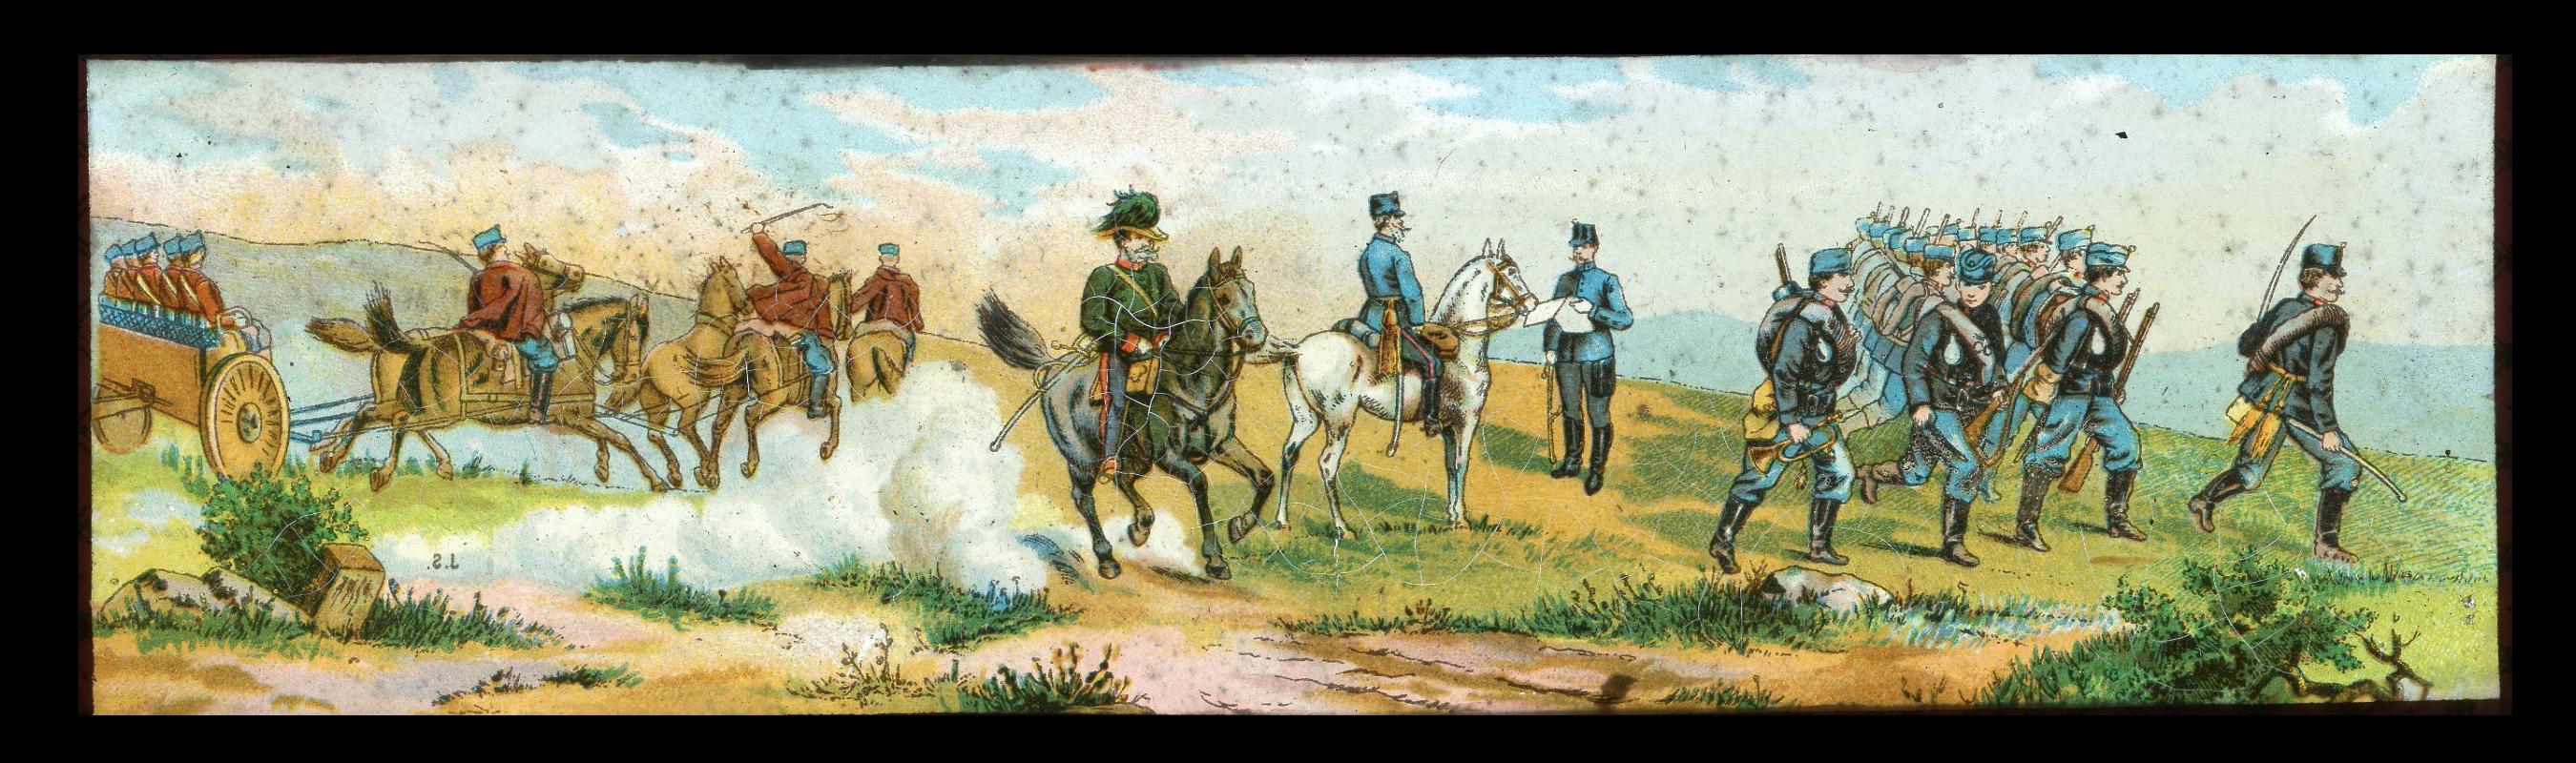 6 plaques de verre - Lanterne magique - XIX - Mes Armées Européennes XIX - Prusse - Angleterre - Italie - En campagne - Uniforme